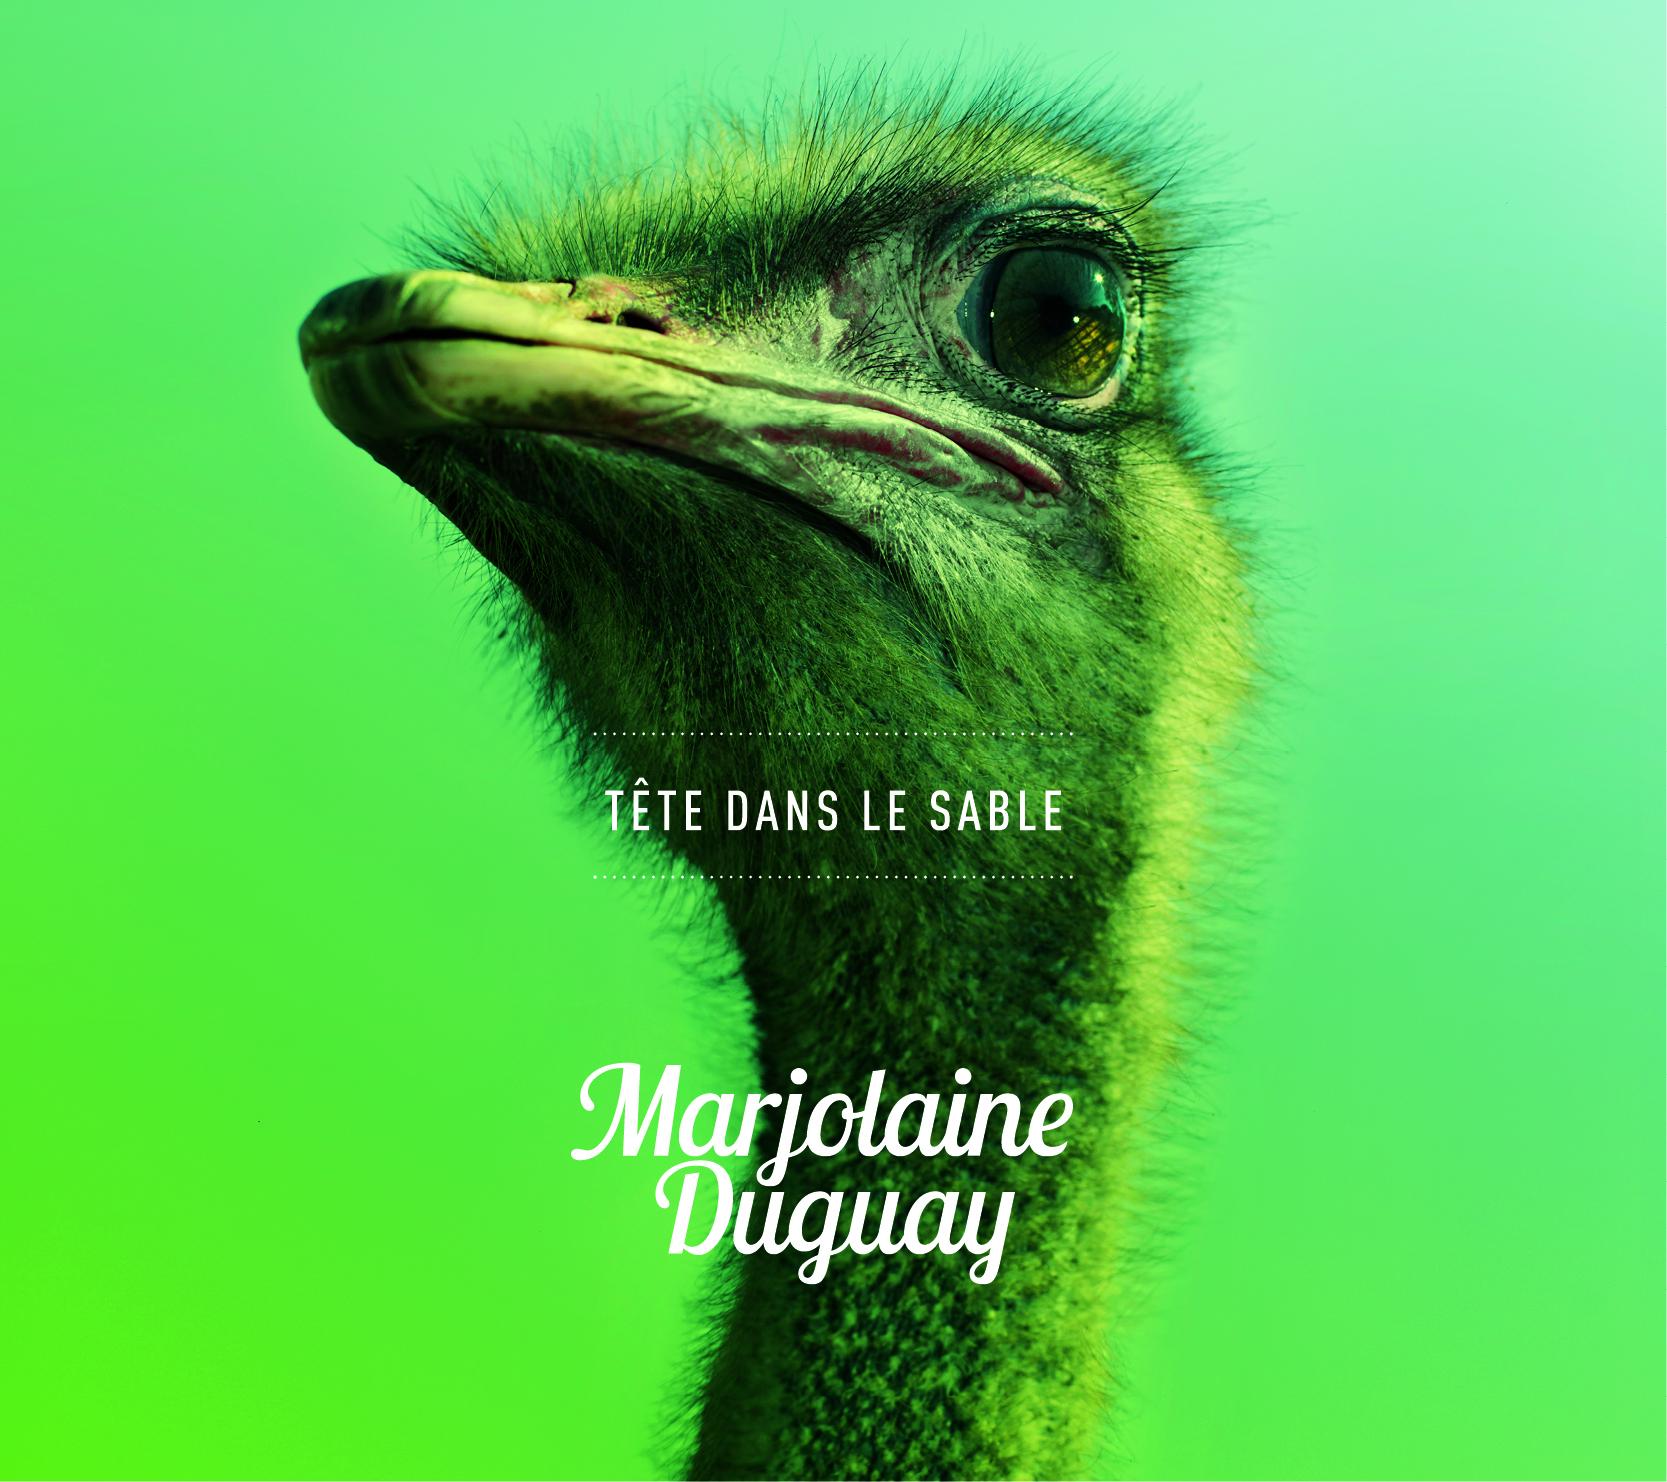 Marjolaine Duguay-Tête dans le sable